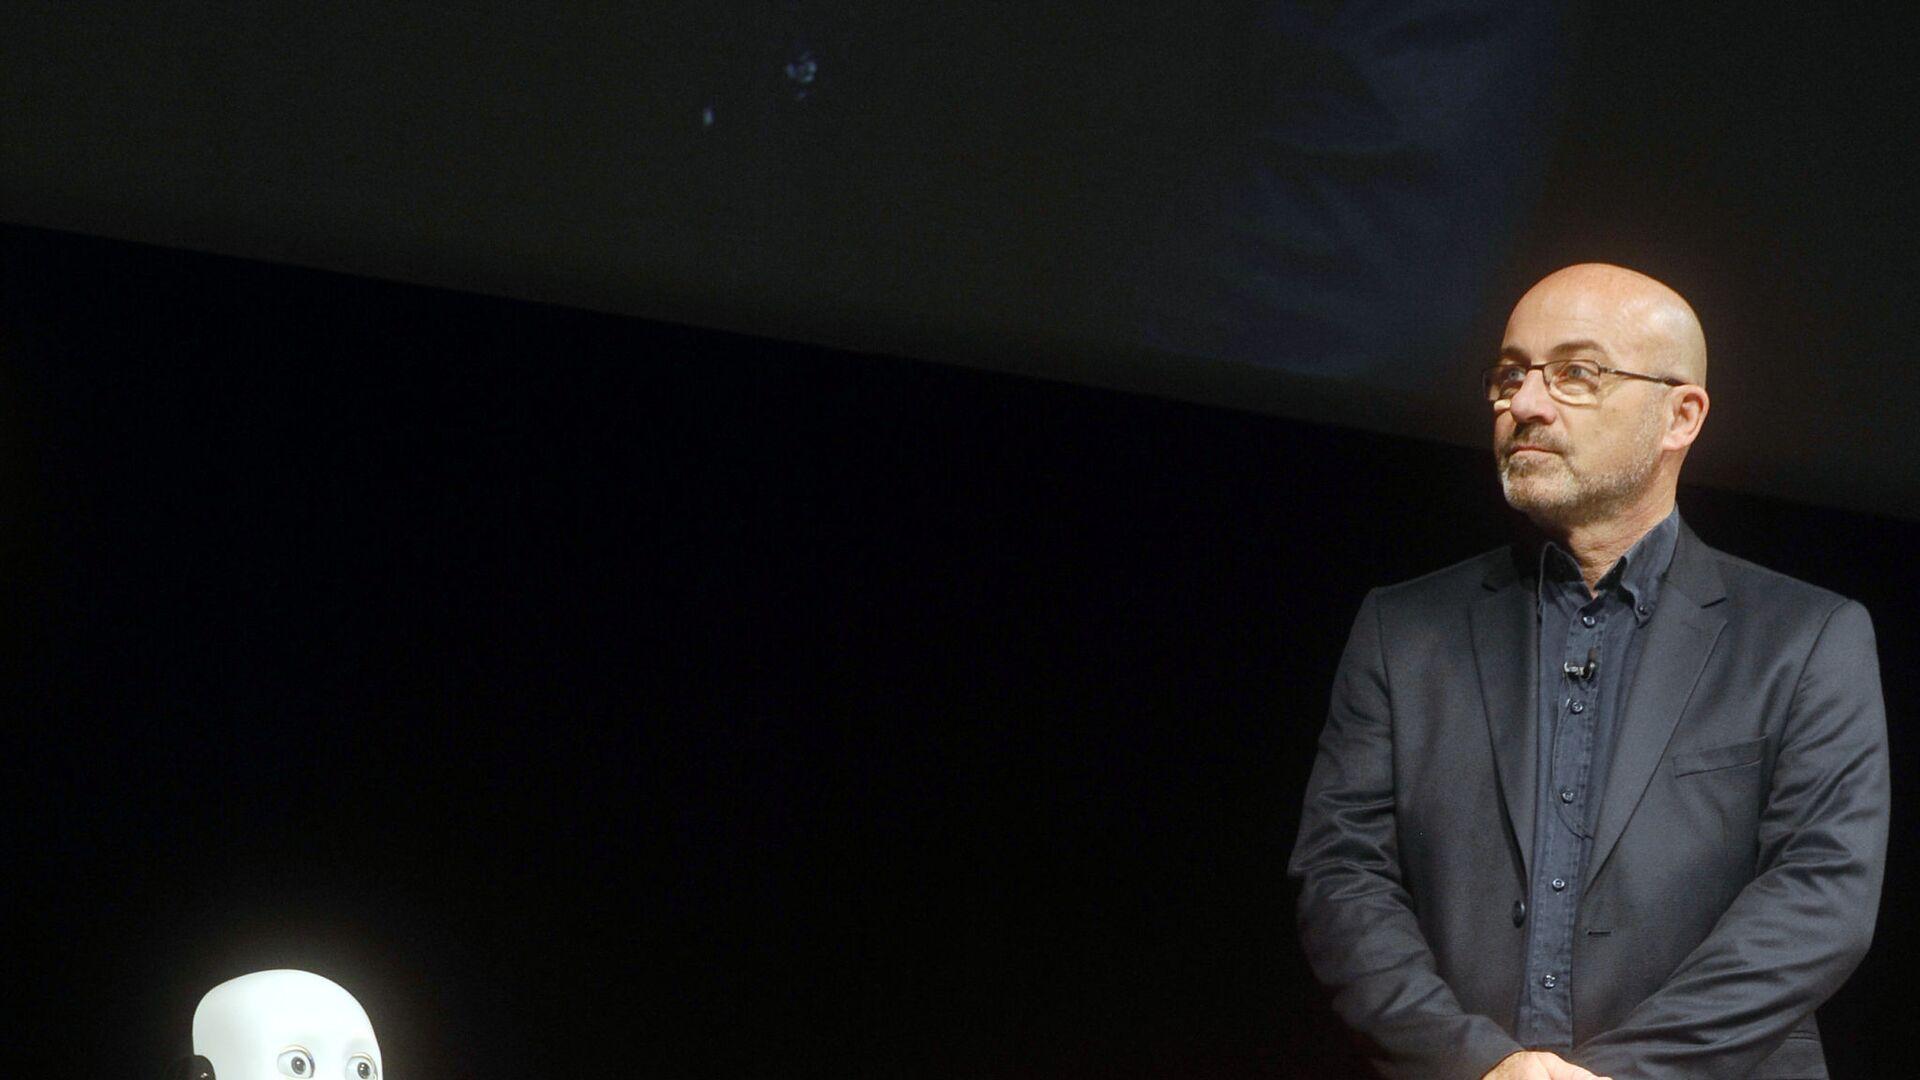 Roberto Cingolani, Ministro per la Transizione ecologica - Sputnik Italia, 1920, 22.07.2021